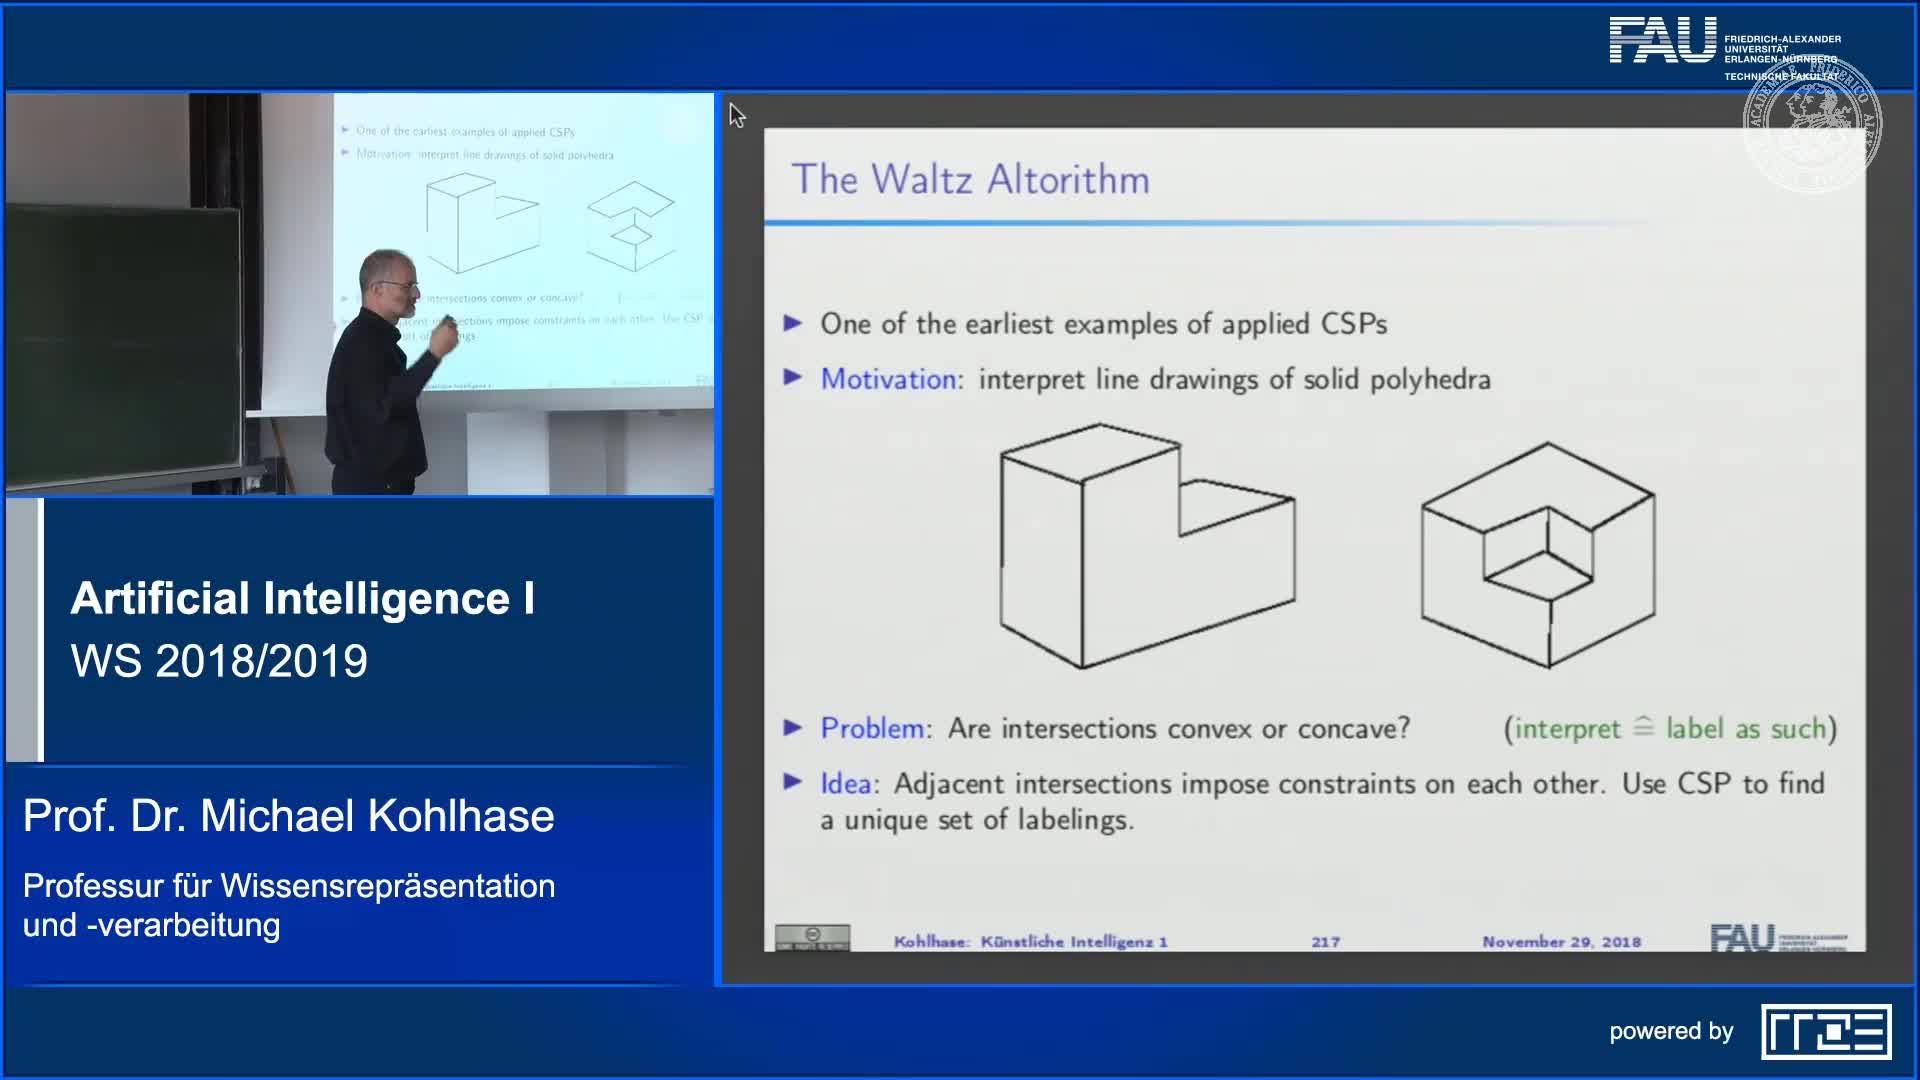 The Waltz Algorithm preview image